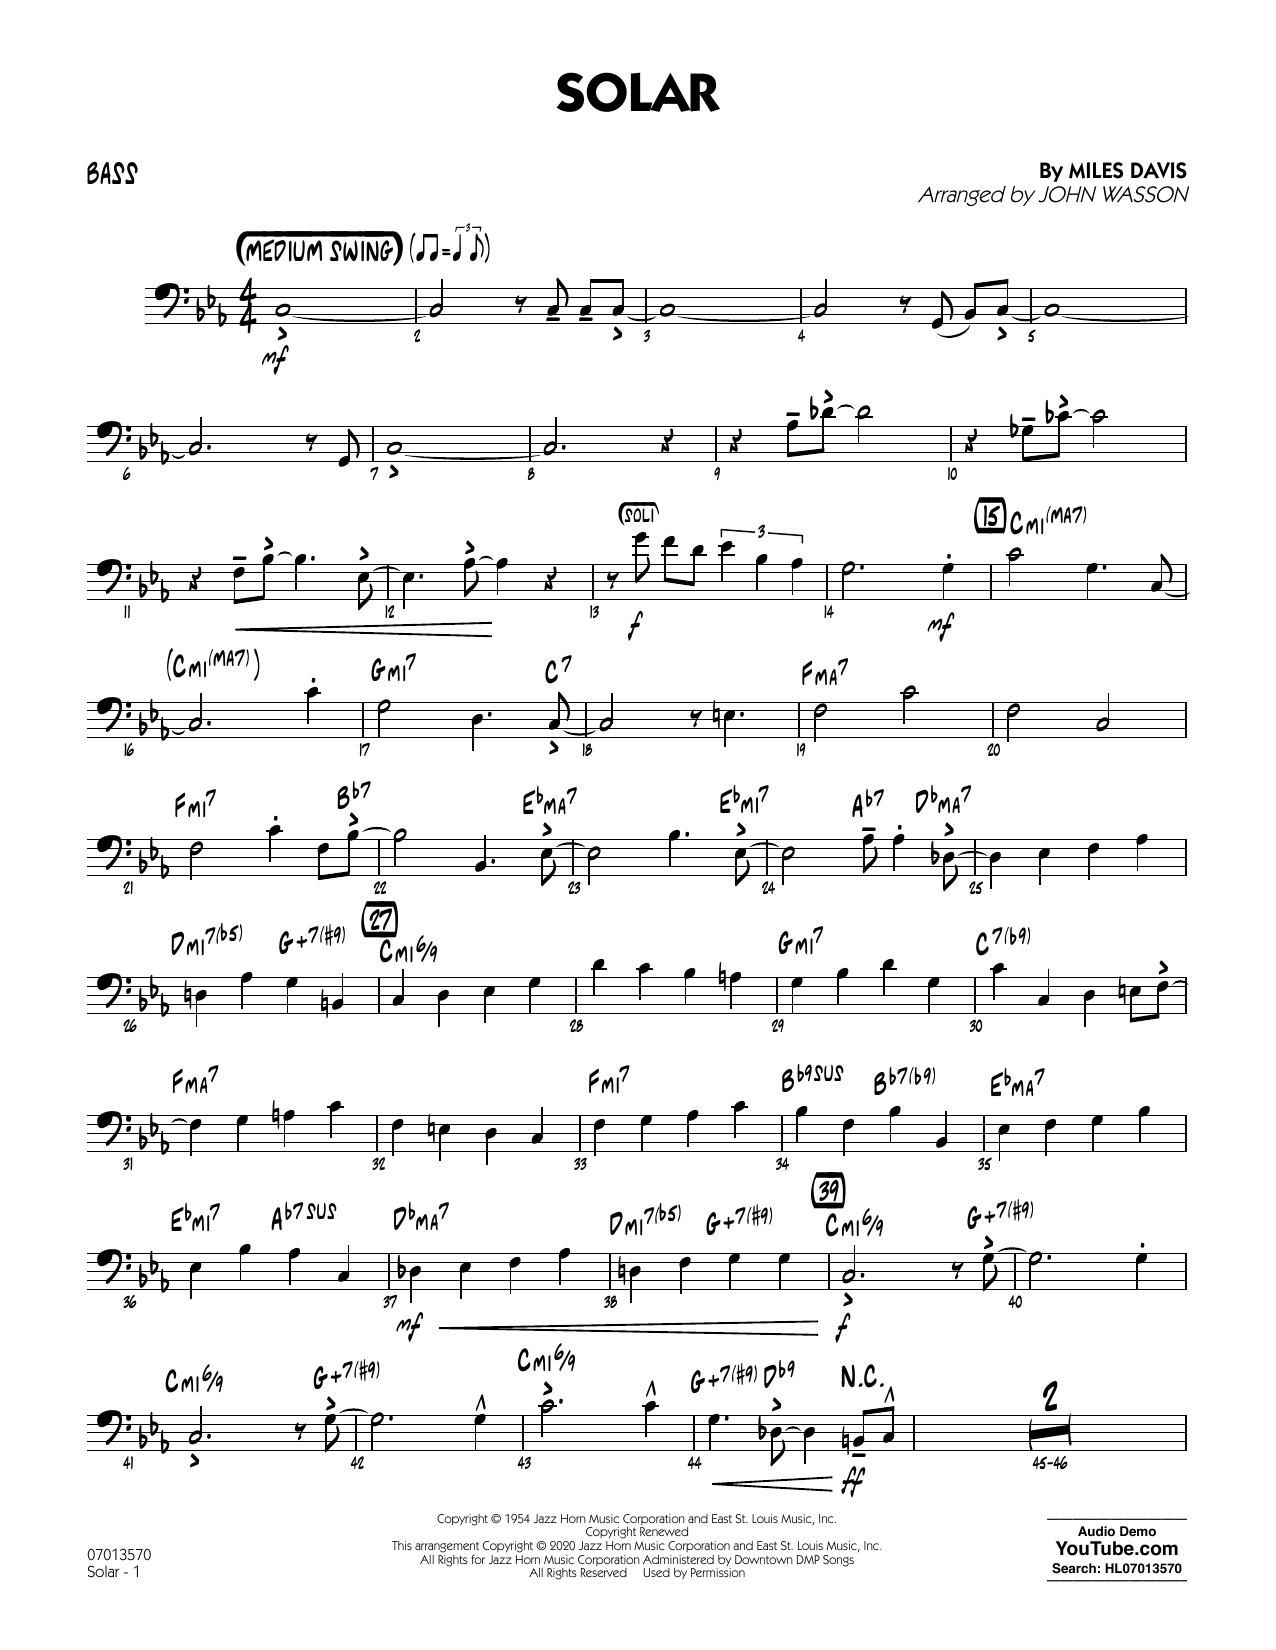 Solar (arr. John Wasson) - Bass Sheet Music